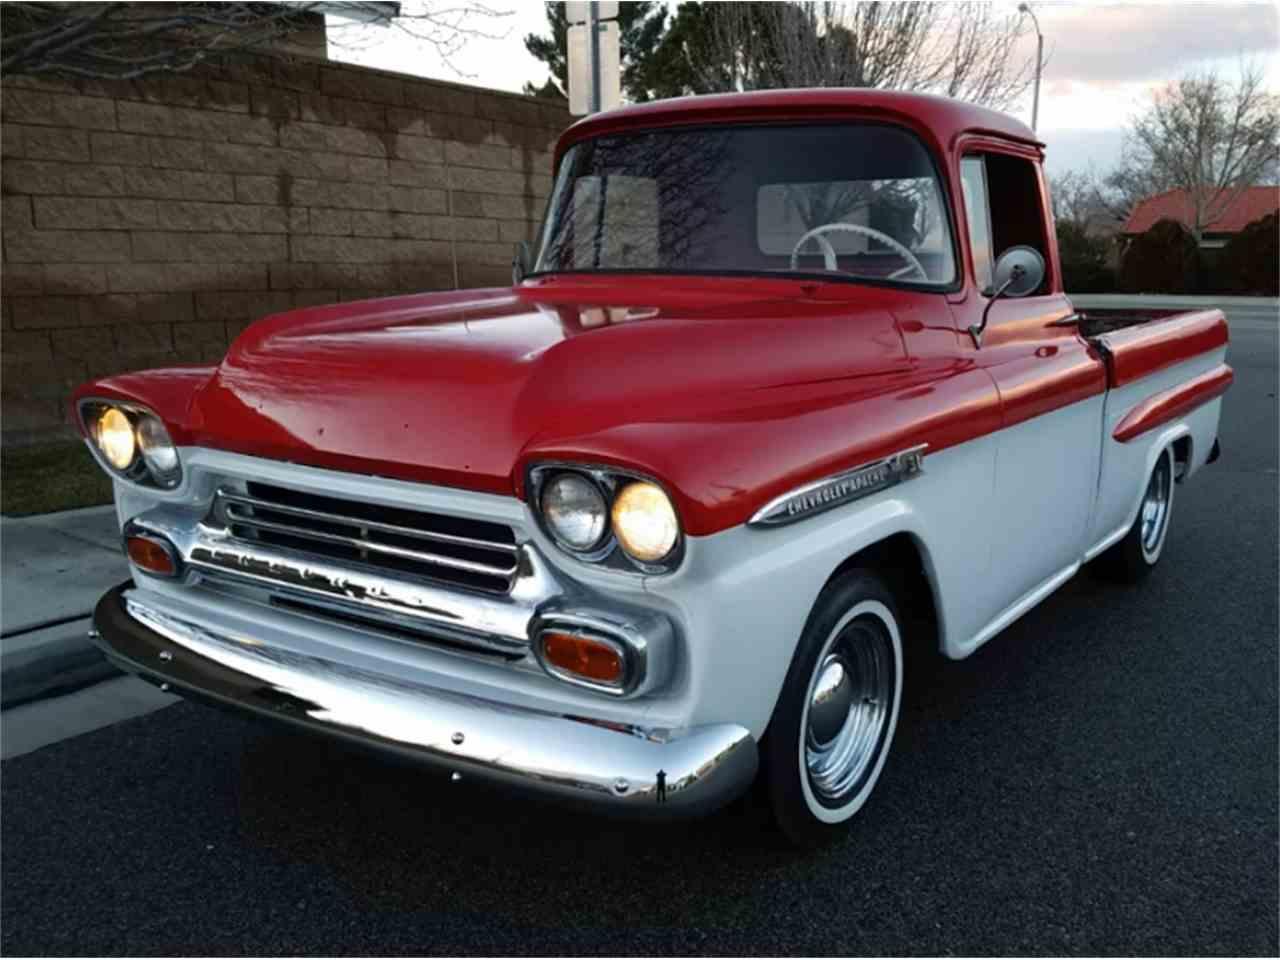 1959 Chevrolet Apache Backgrounds, Compatible - PC, Mobile, Gadgets| 1280x960 px